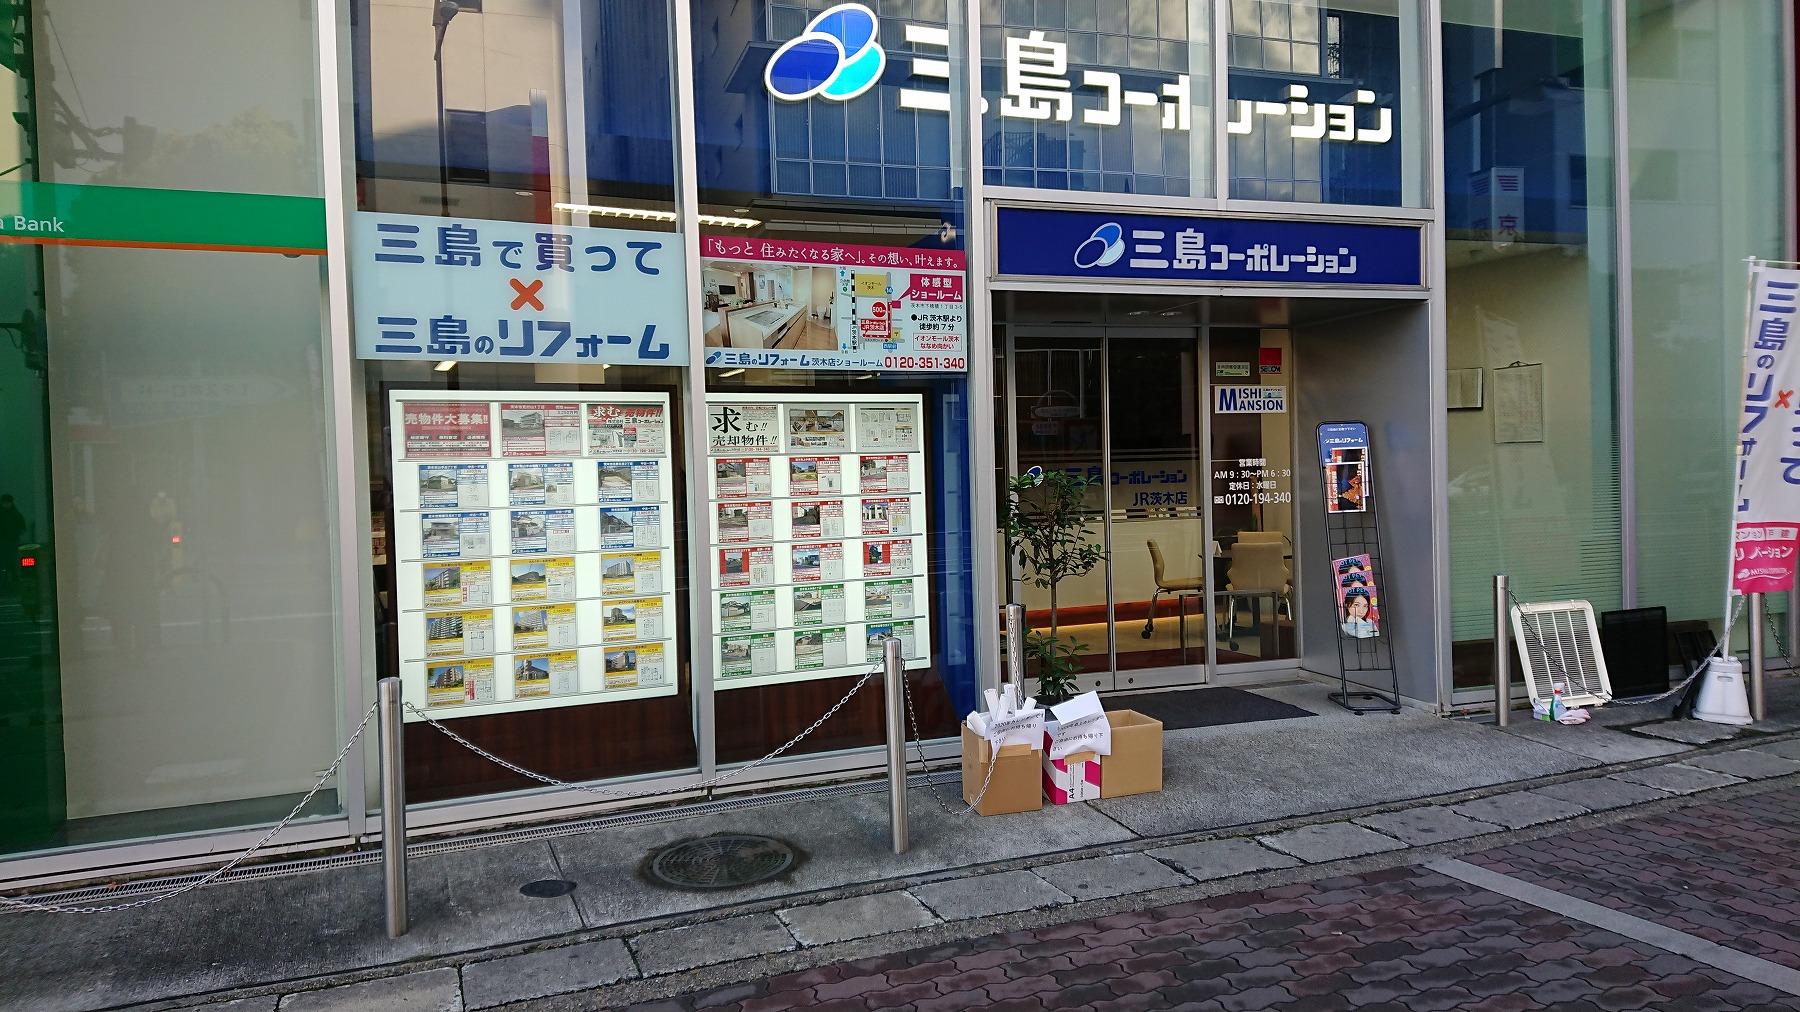 JR茨木不動産業者カレンダー配布